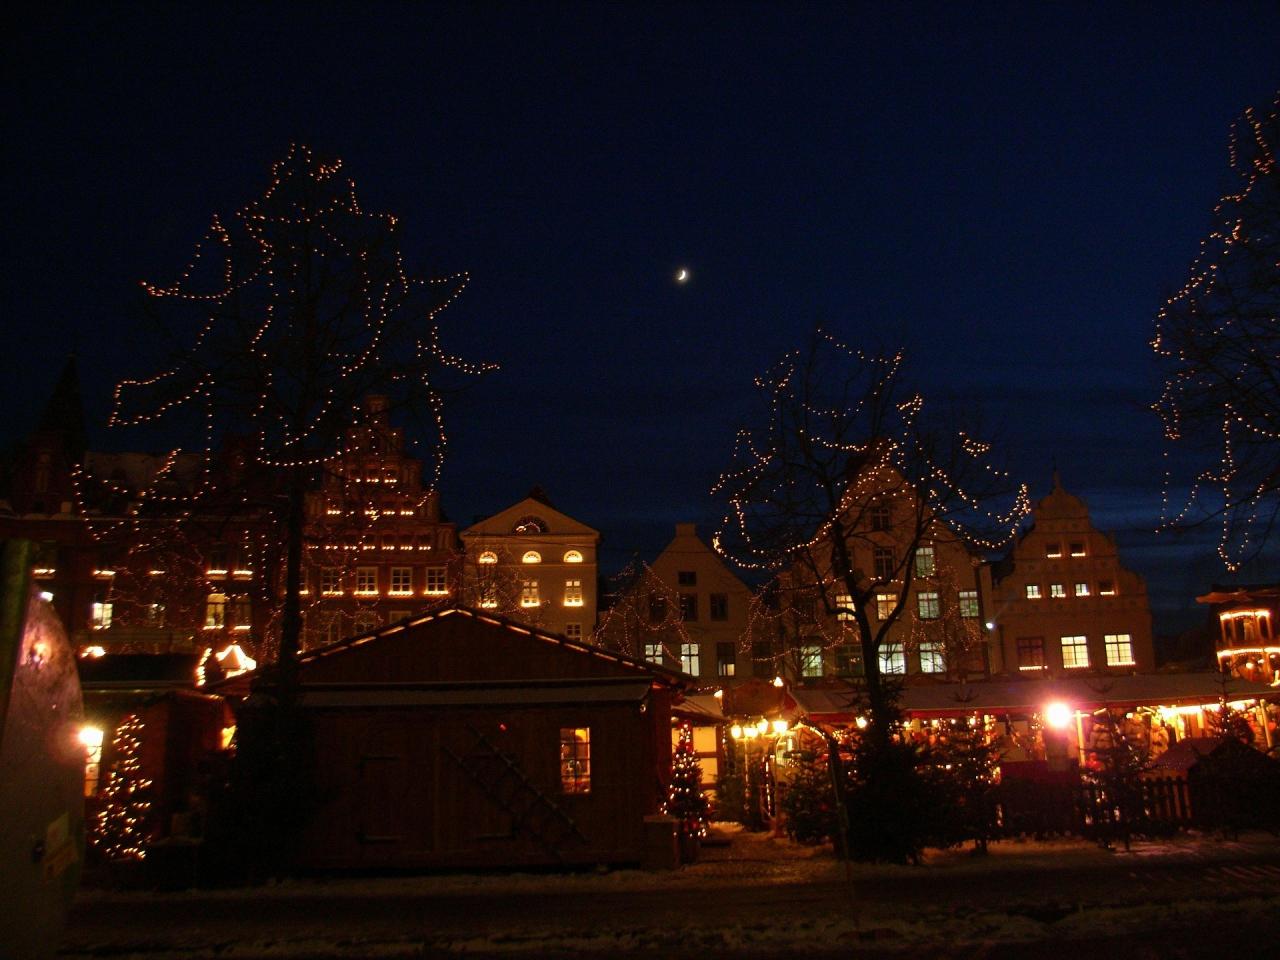 Weihnachtsmarkt Osnabrück.Einer Der Schönsten Weihnachtsmärkte Im Norden